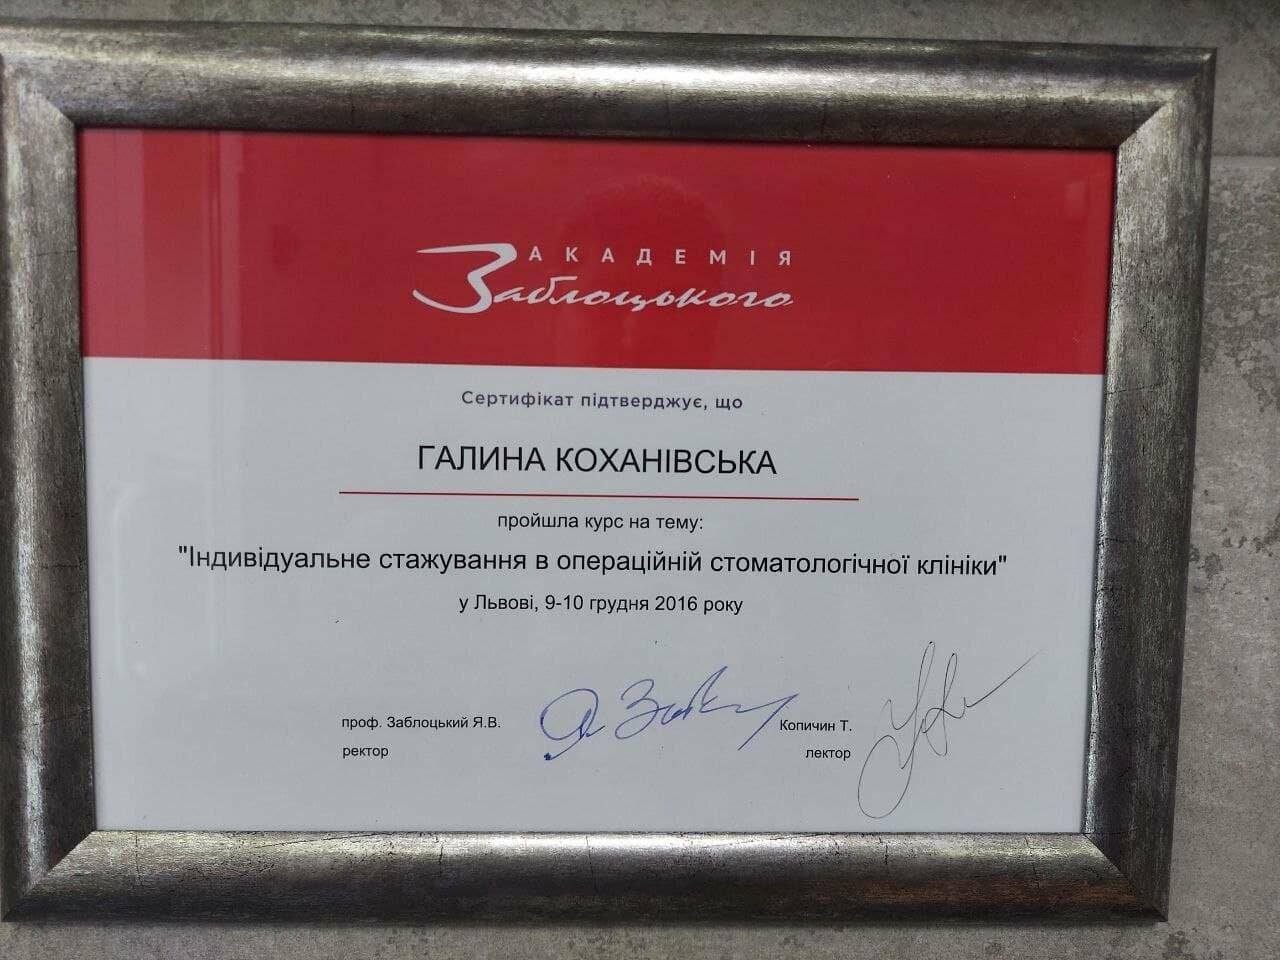 Сертифікати, фото-6